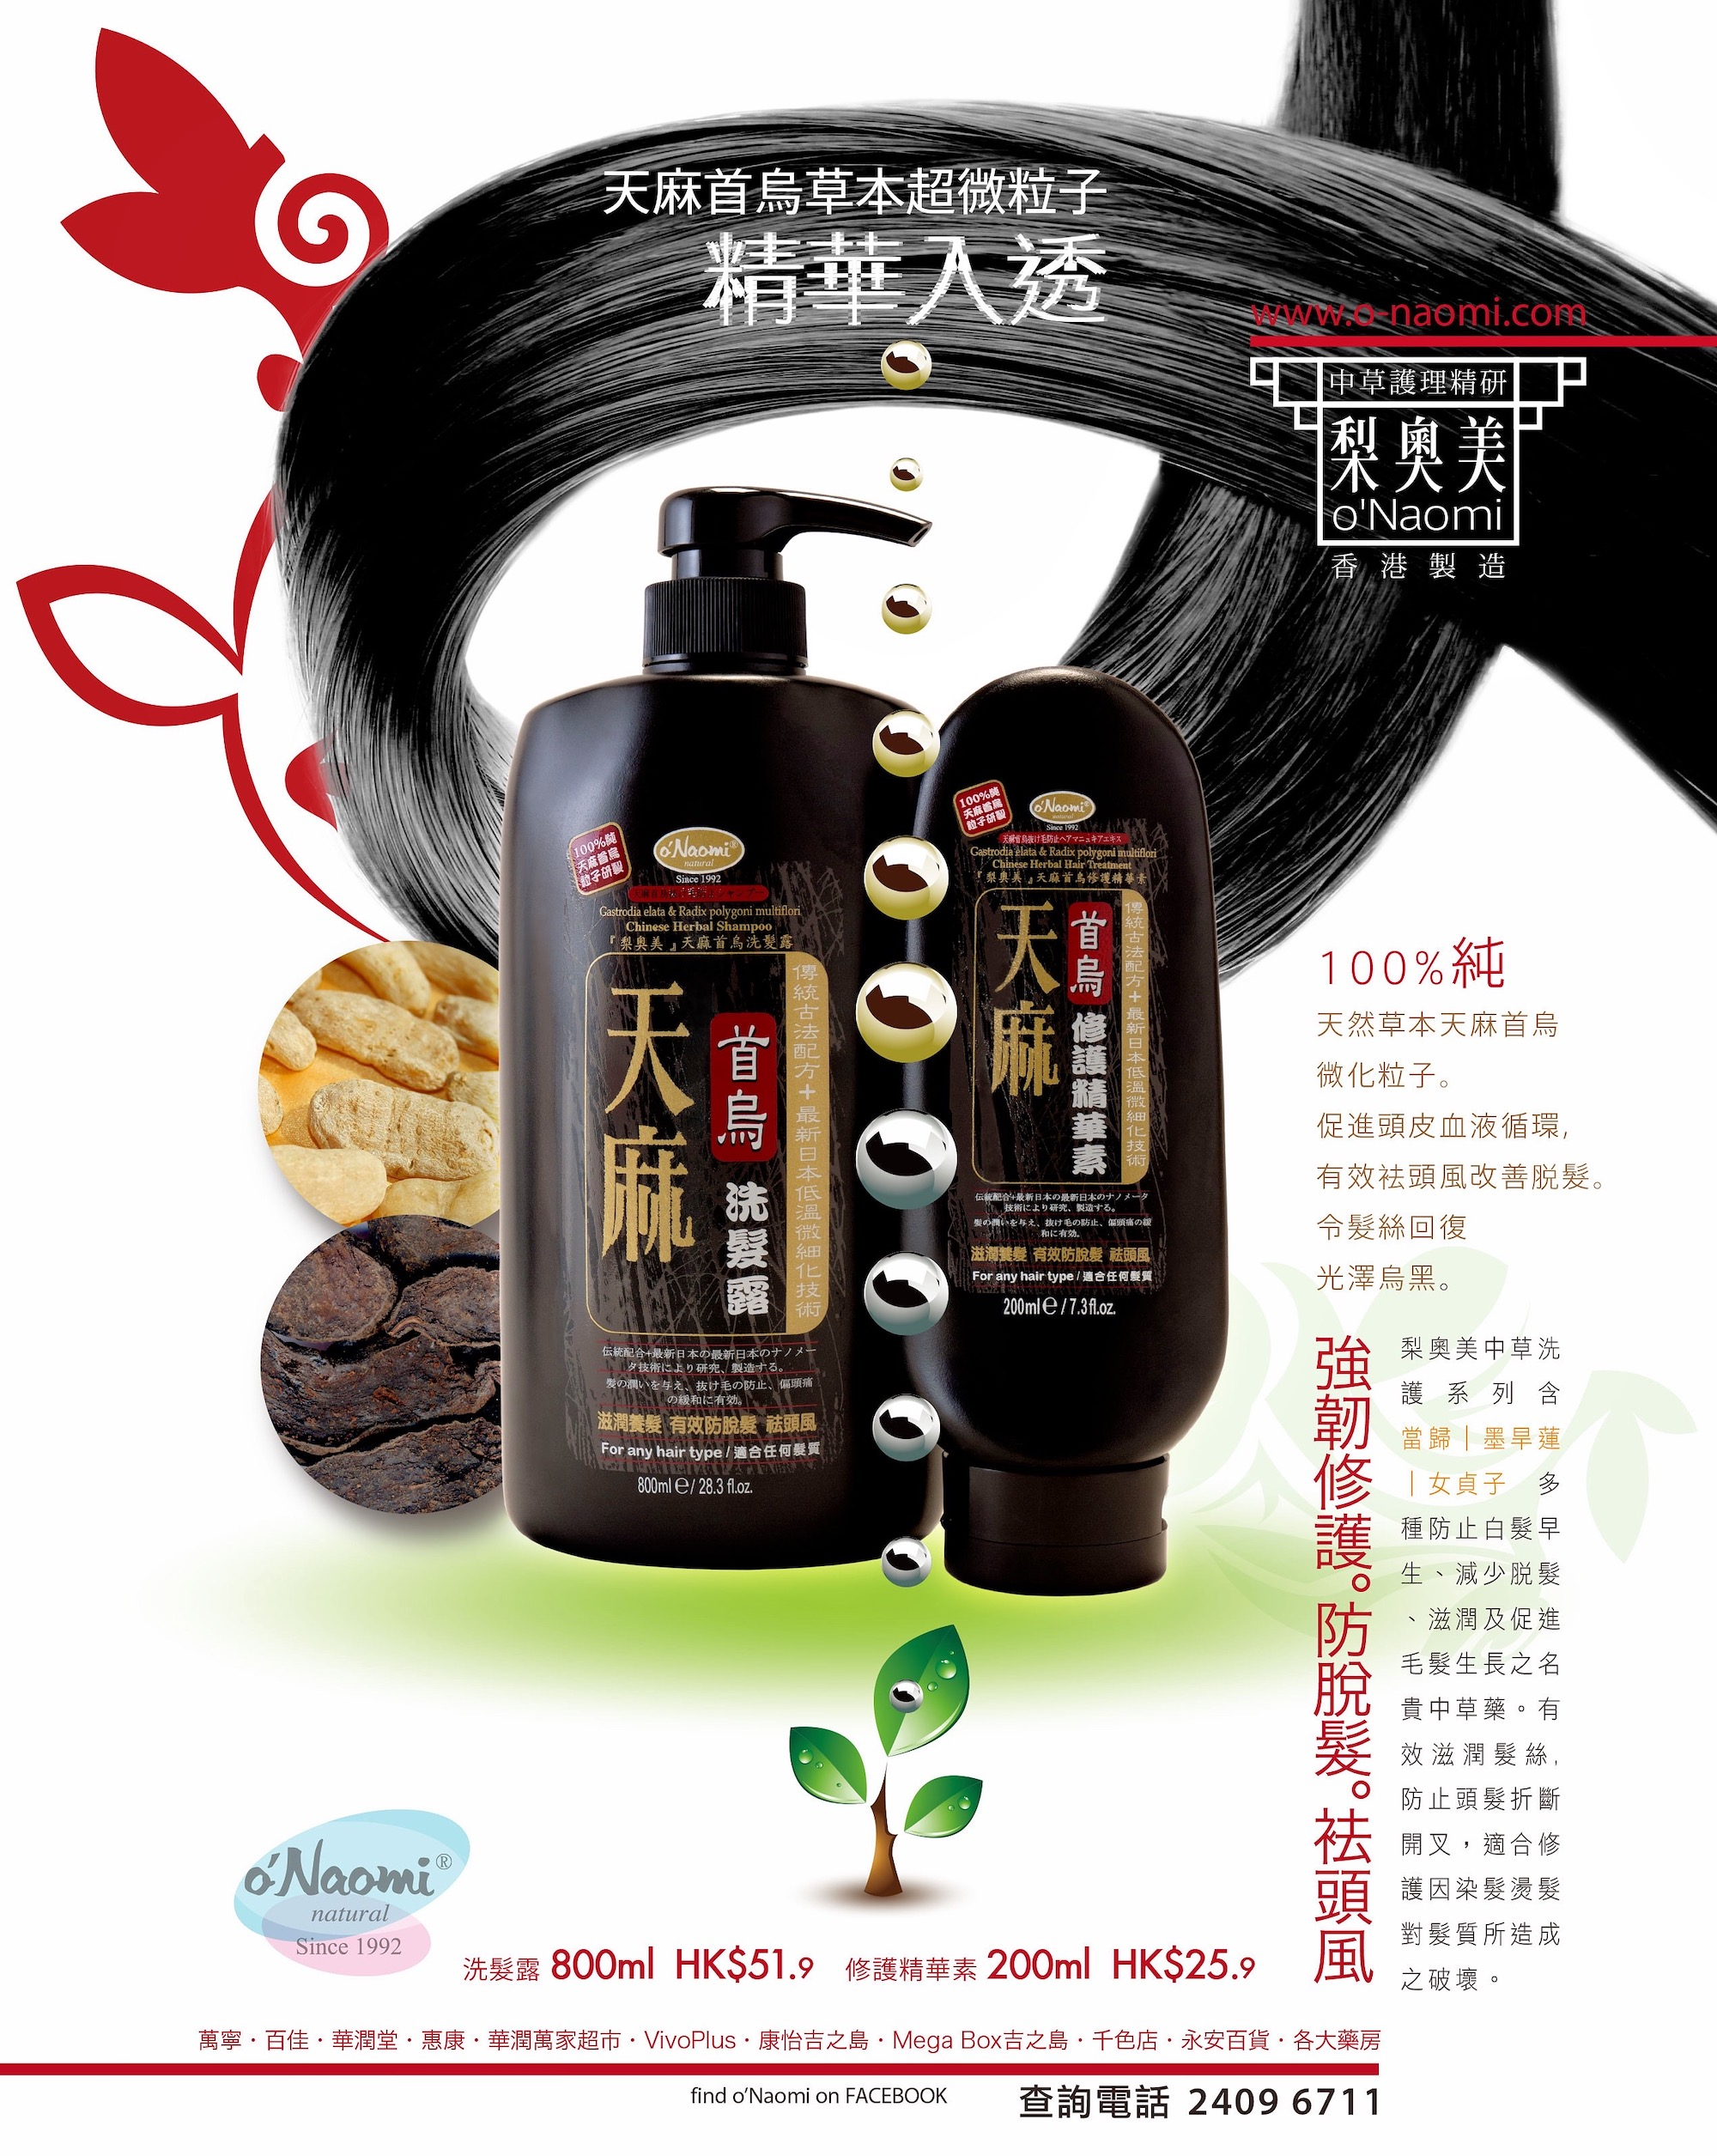 Onaomi Chinese Herbal Shampoo 02